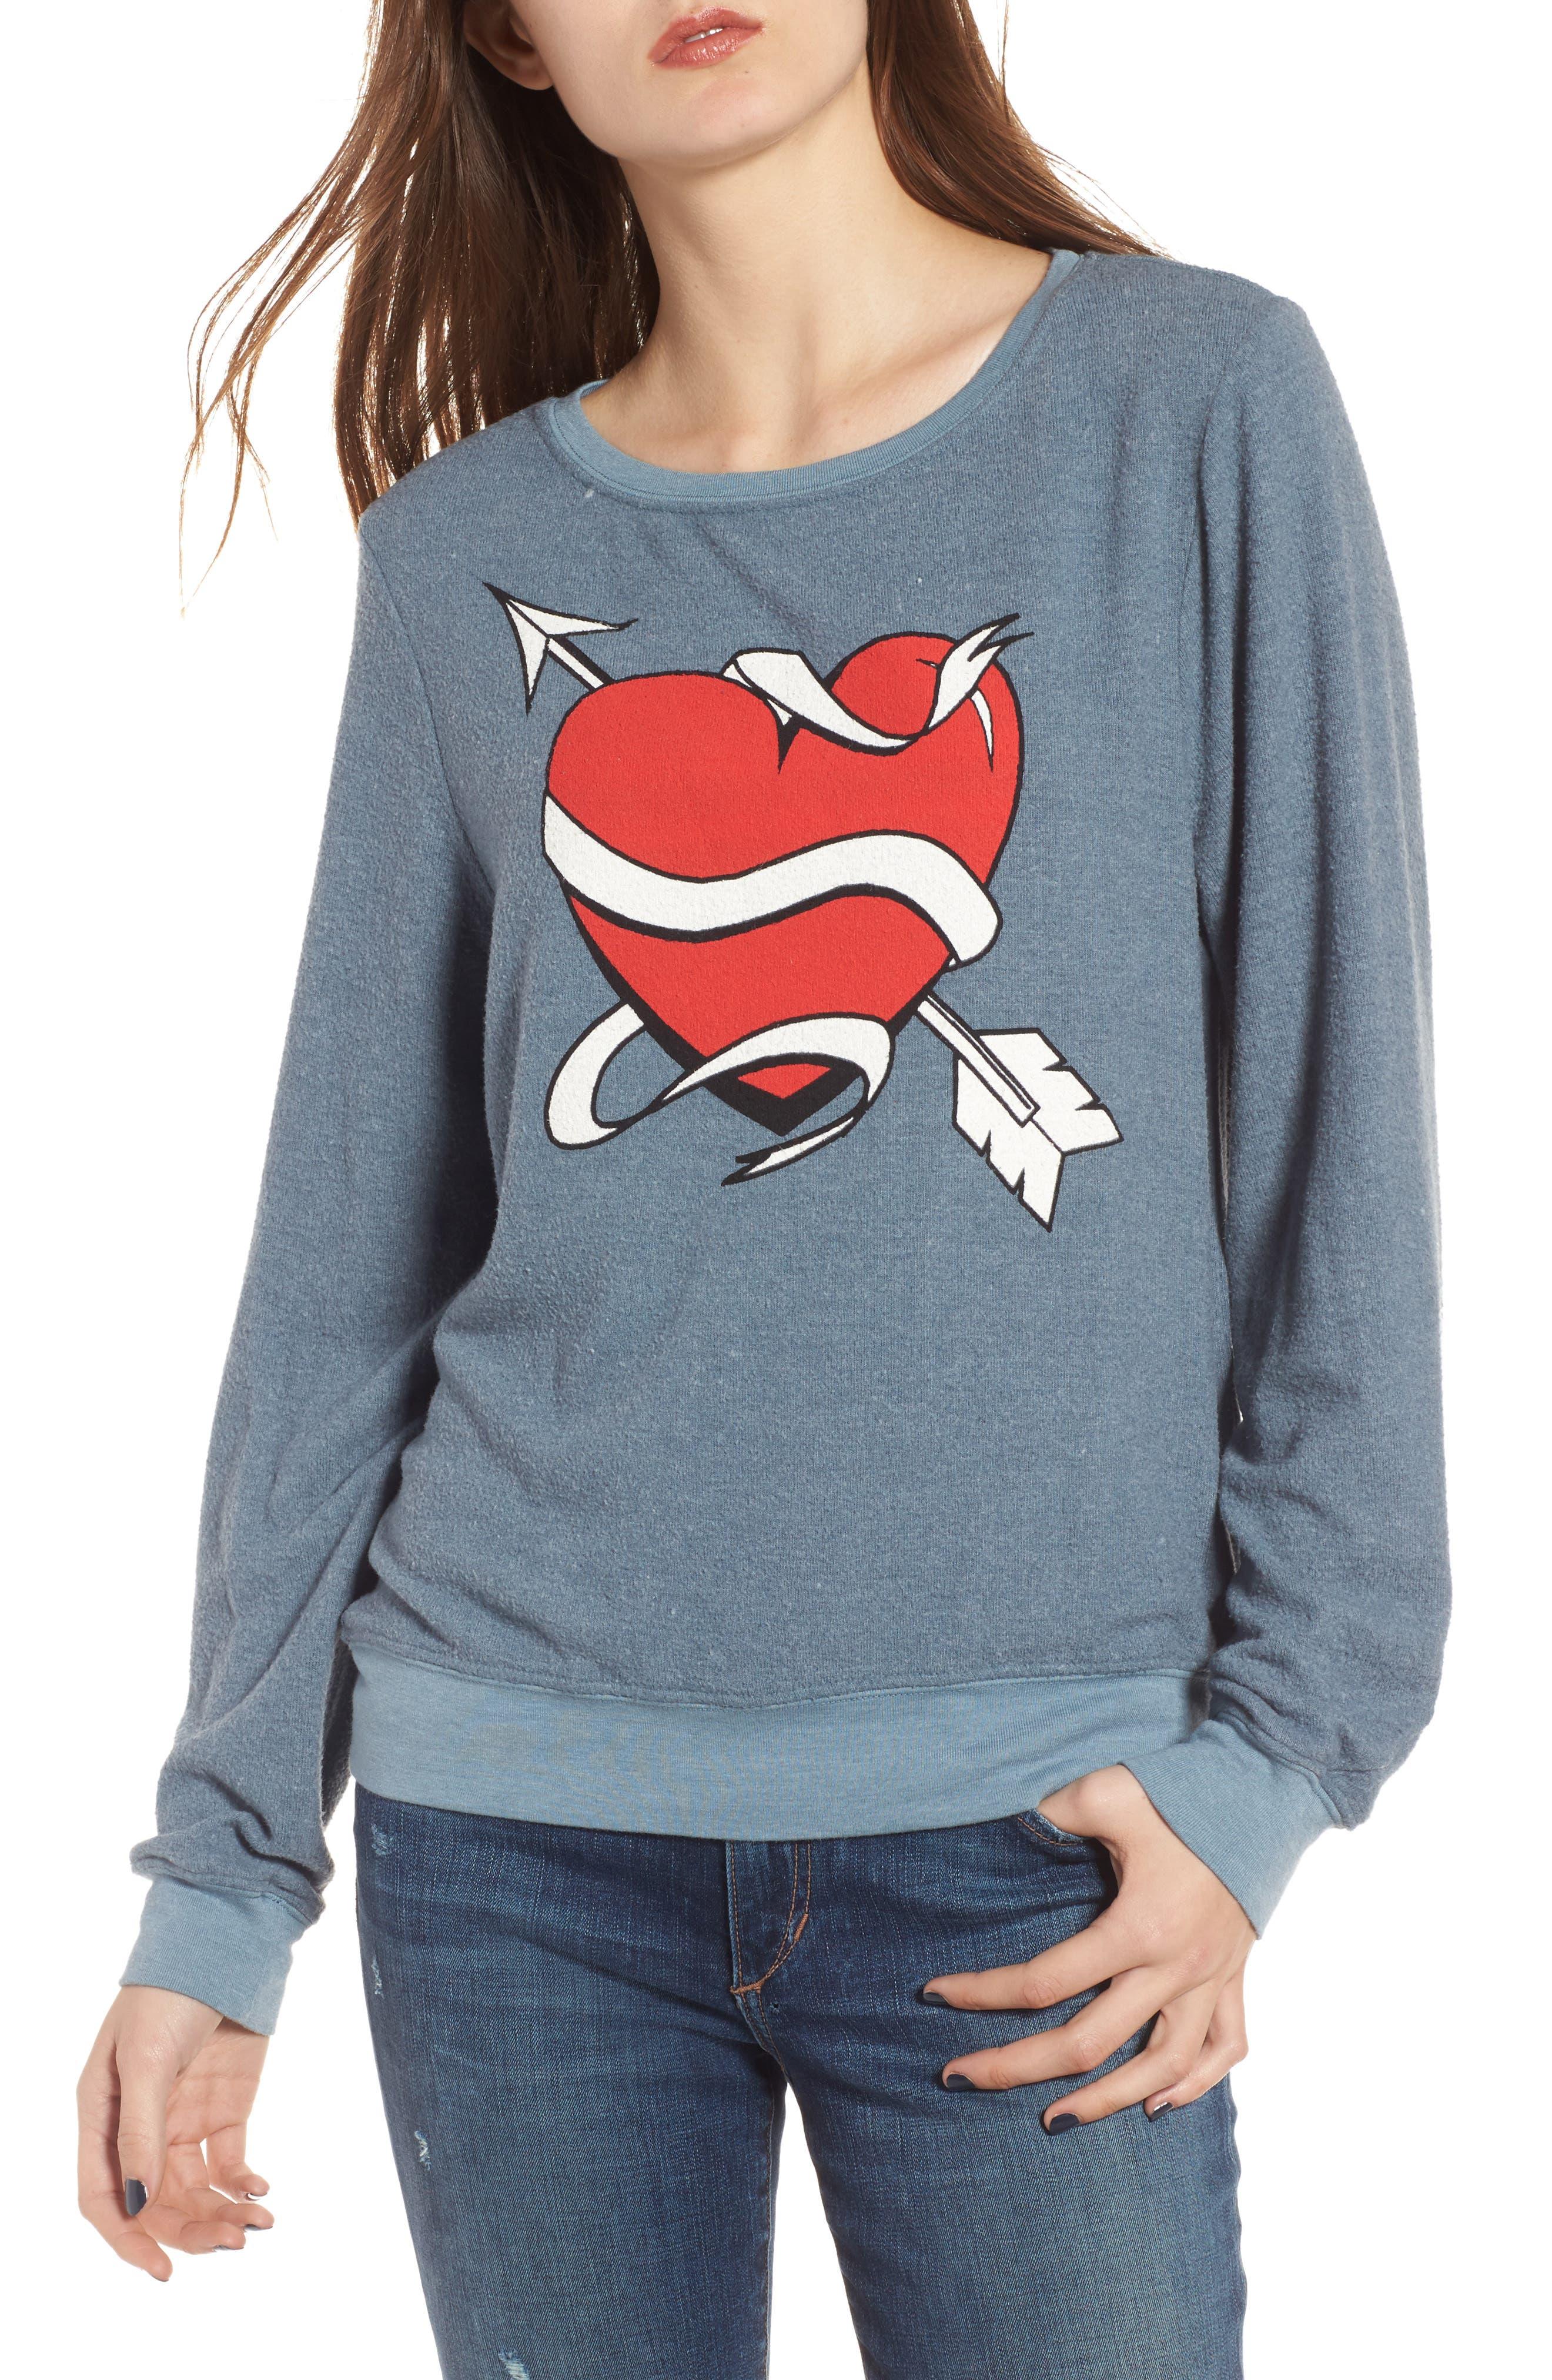 Heart & Arrows Sweatshirt,                         Main,                         color, Blue Jean